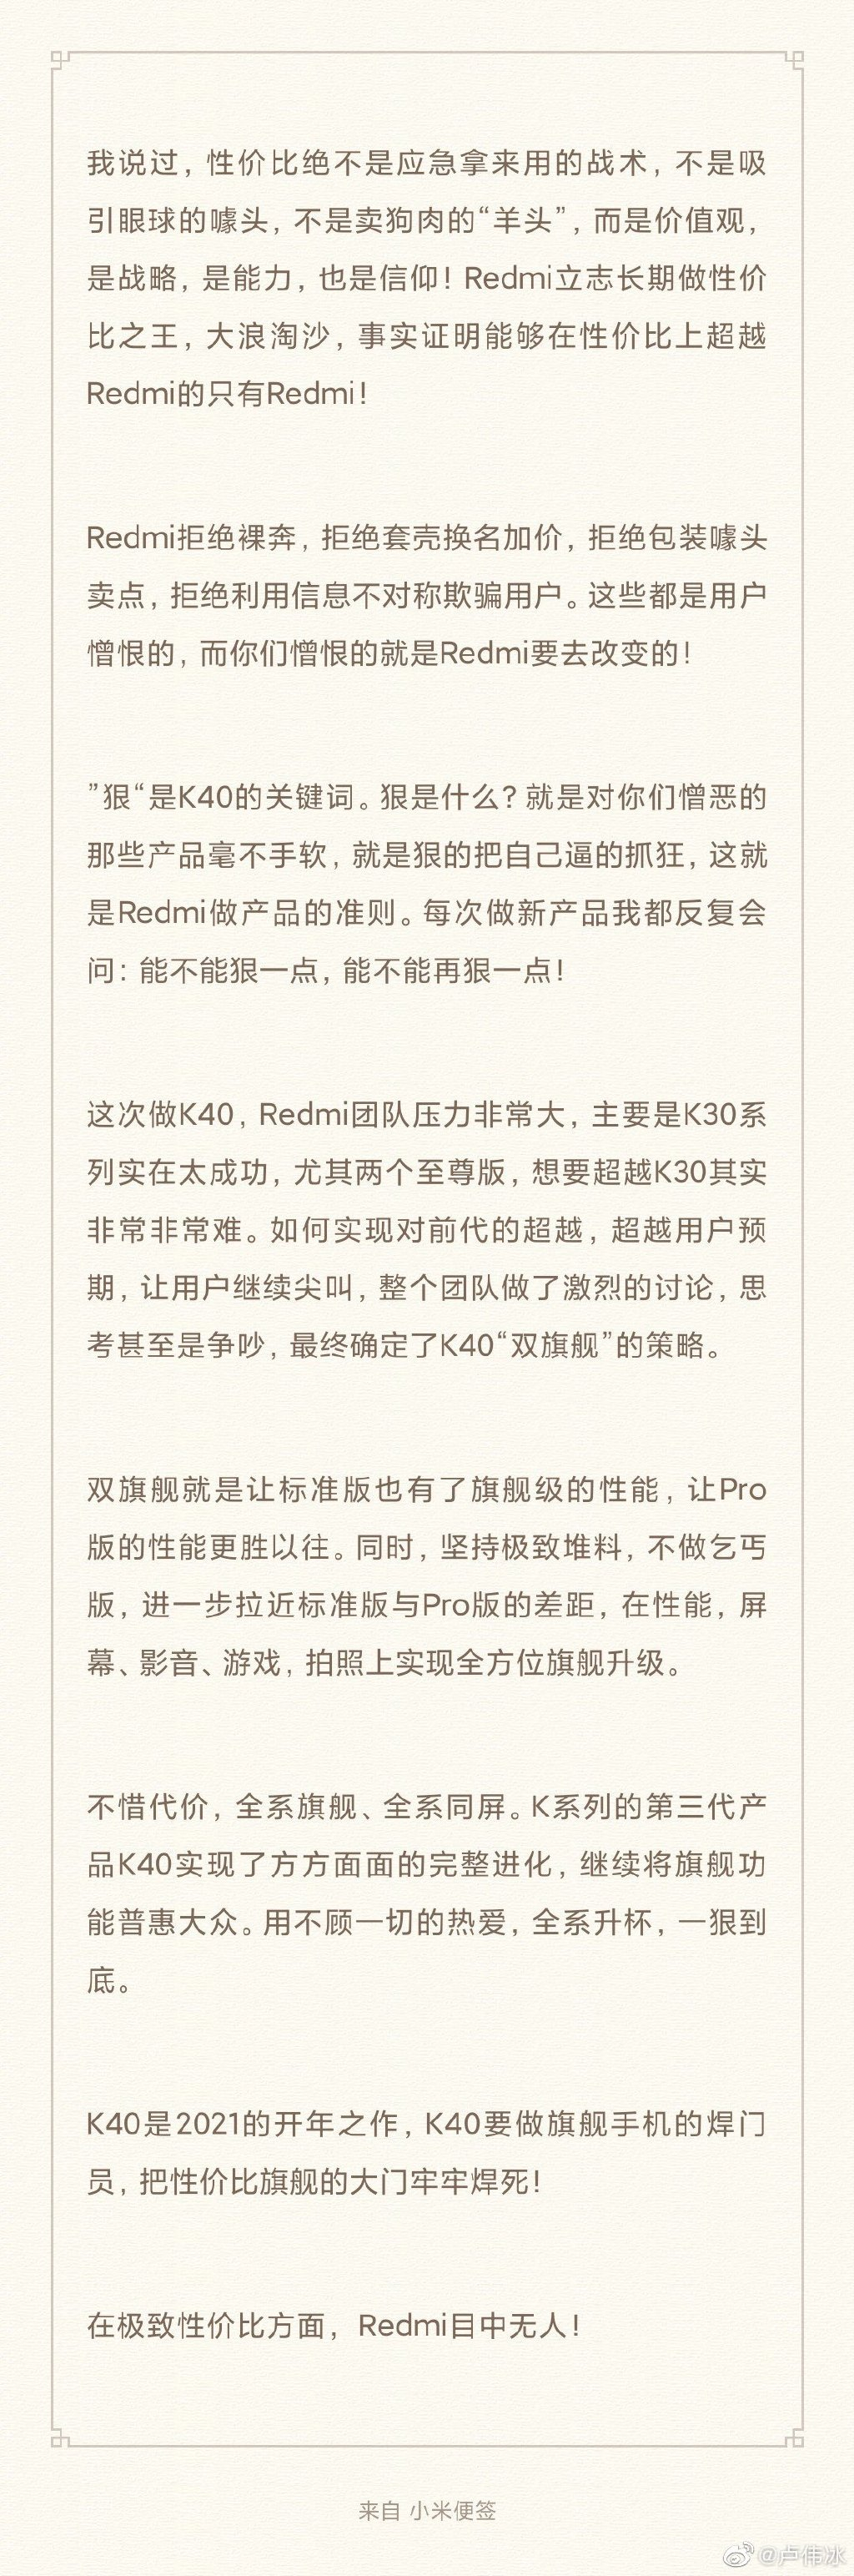 卢伟冰谈Redmi K40售价:极致性价比 目中无人